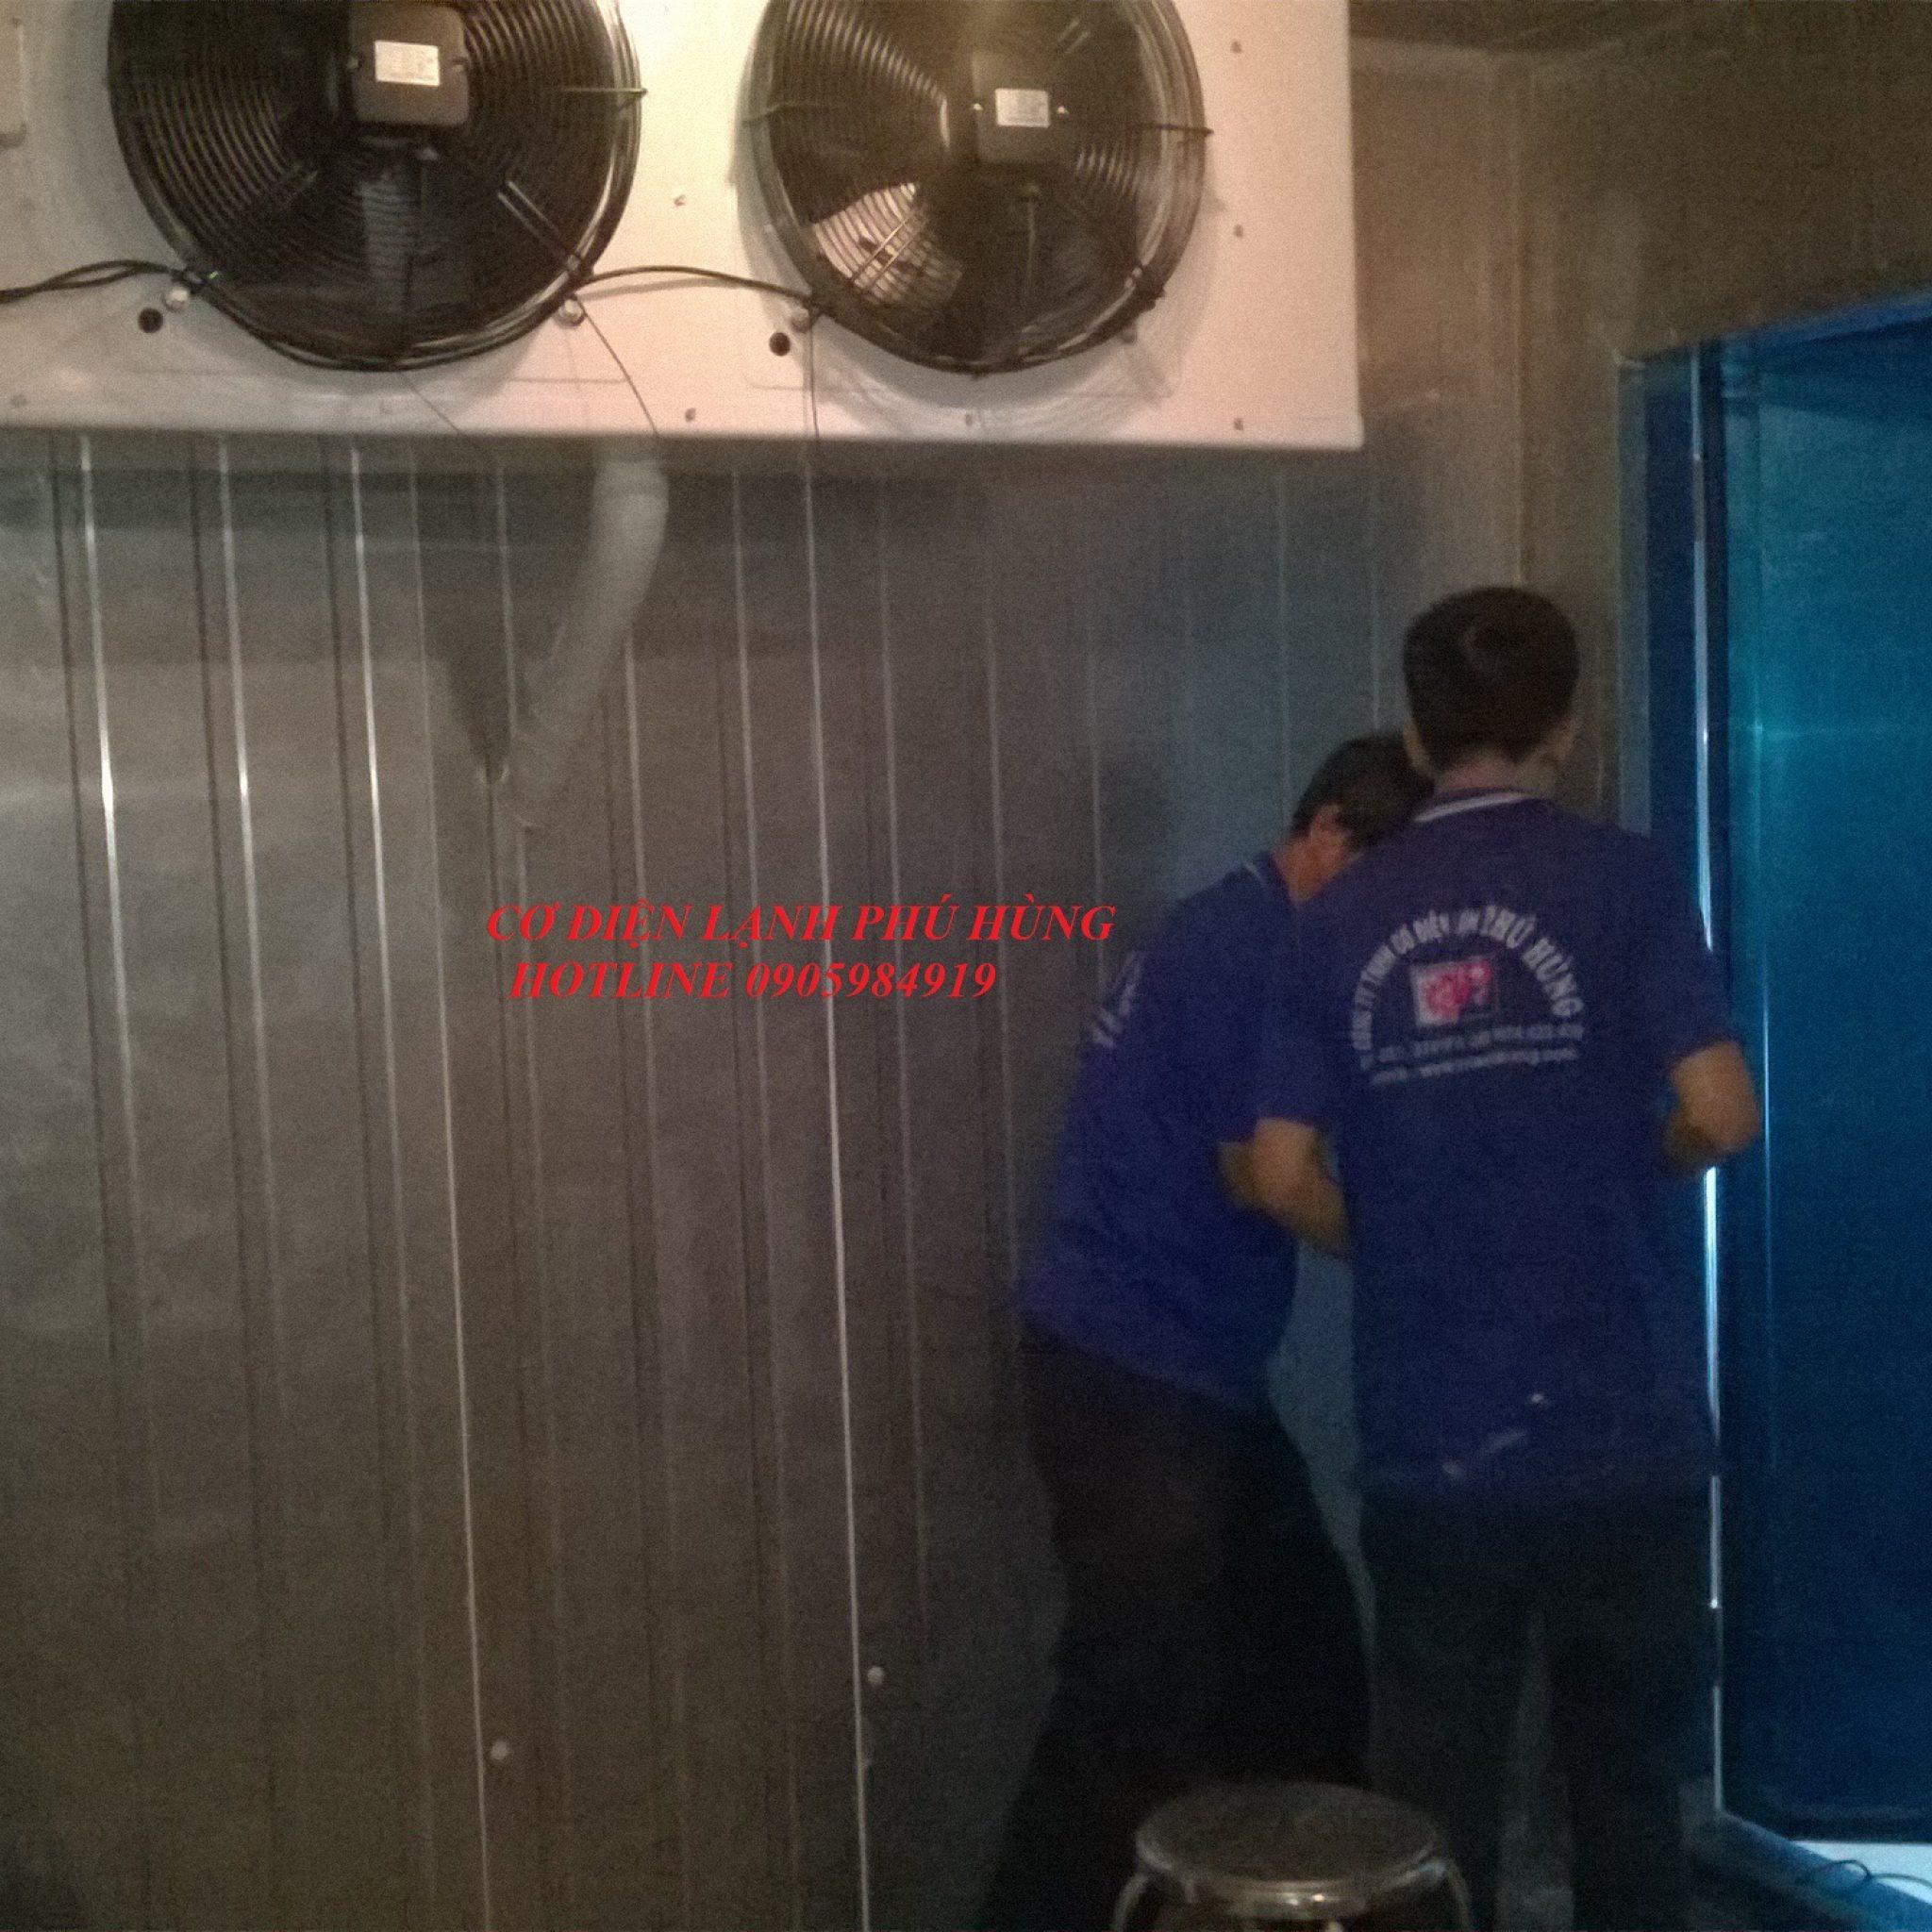 4 - Thiết kế lắp đặt, sửa chữa kho lạnh tại ĐÀ NẴNG-Cty KIM THỦY PHÁT